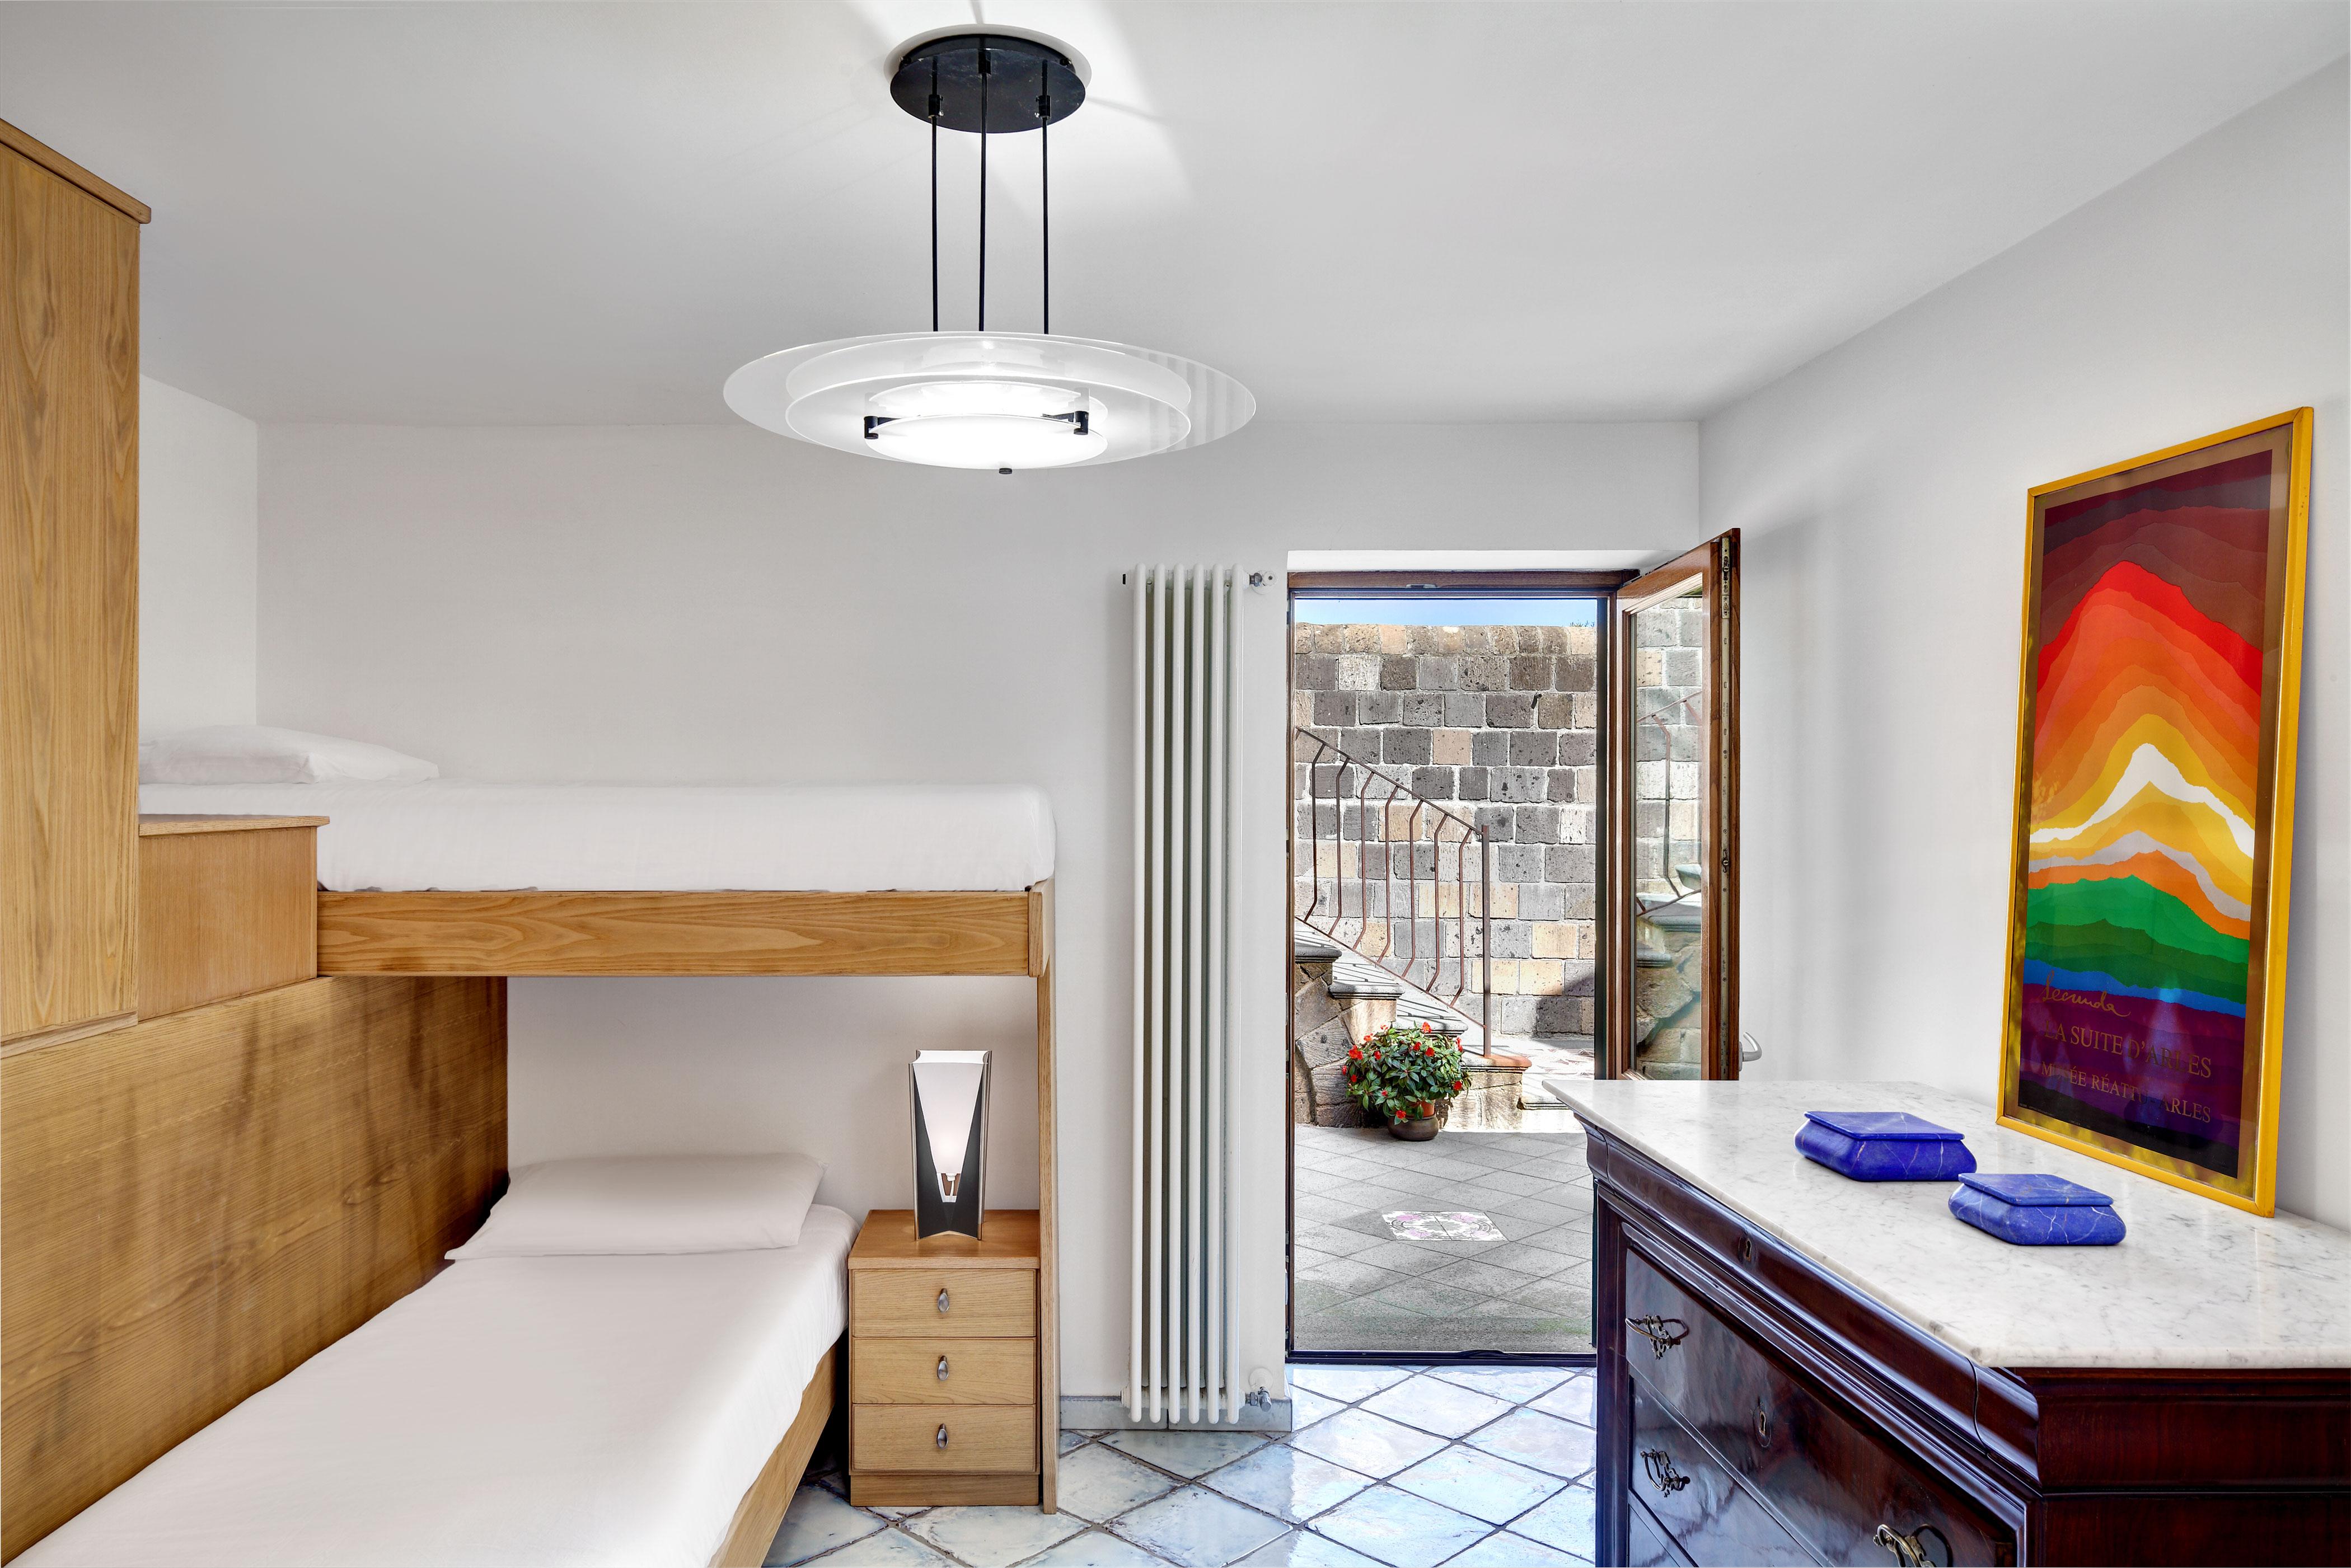 Apartment Villa Vesuvio - Luxury and Beauty photo 25033419